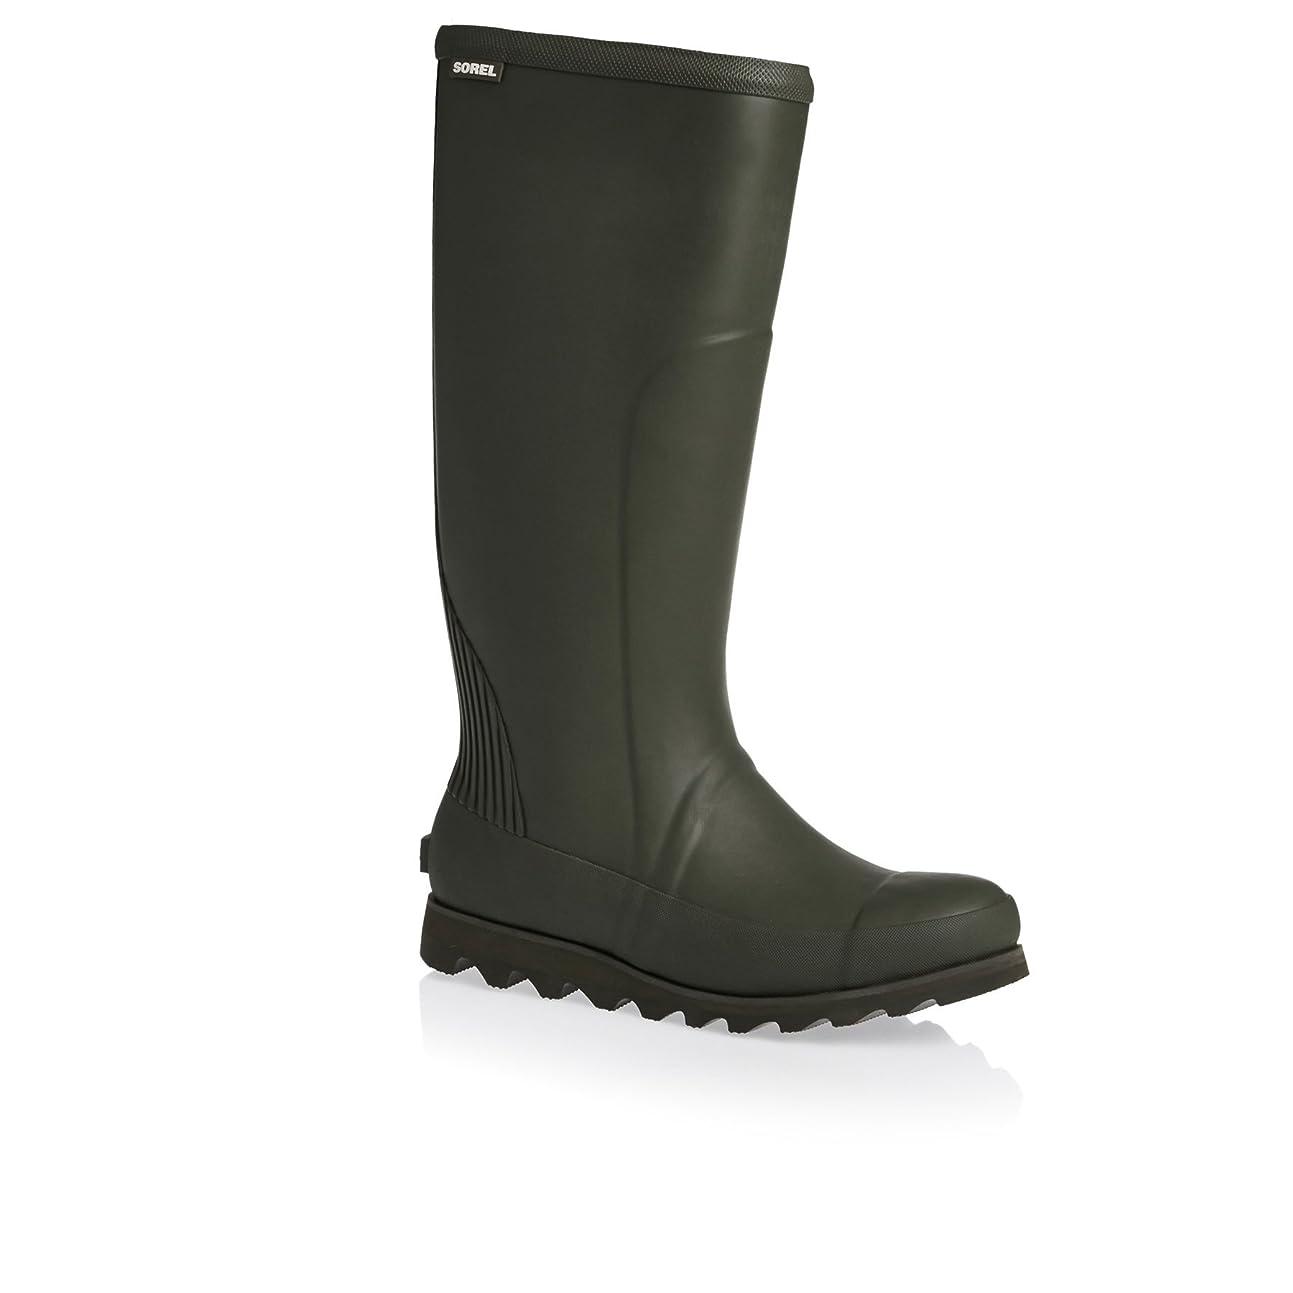 類人猿名前でシャイニング[ソレル] レディース 女性用 シューズ 靴 ブーツ レインブーツ Joan Rain Tall - Nori/Zest [並行輸入品]